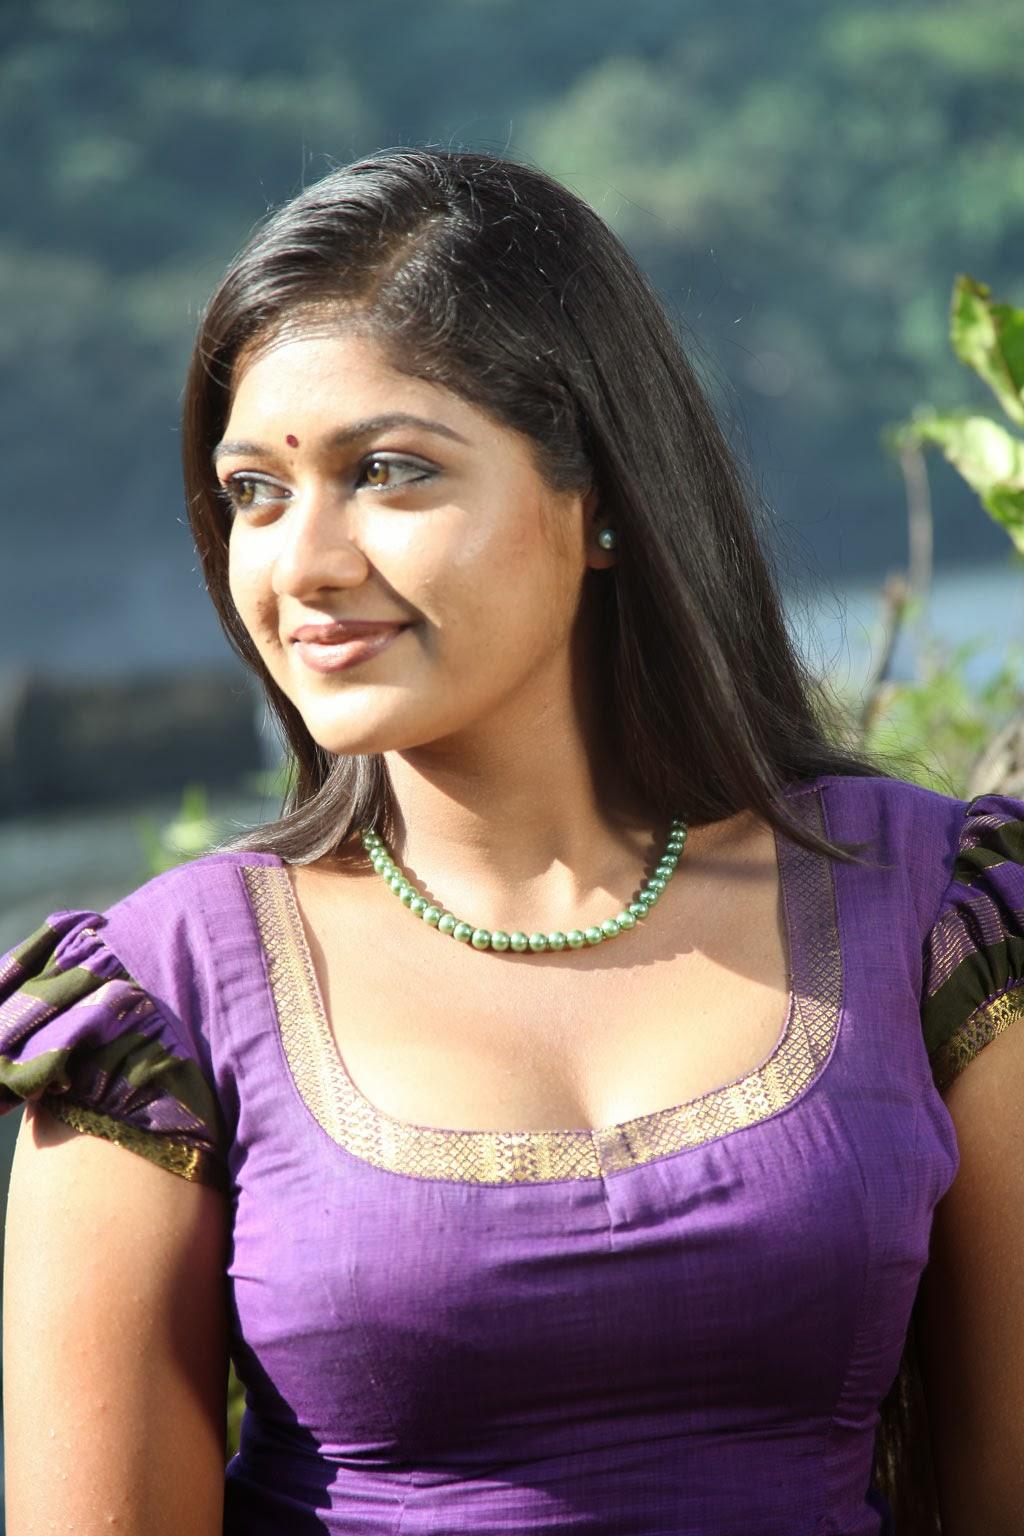 cute photos: Megana raj -Tamil actress new photos